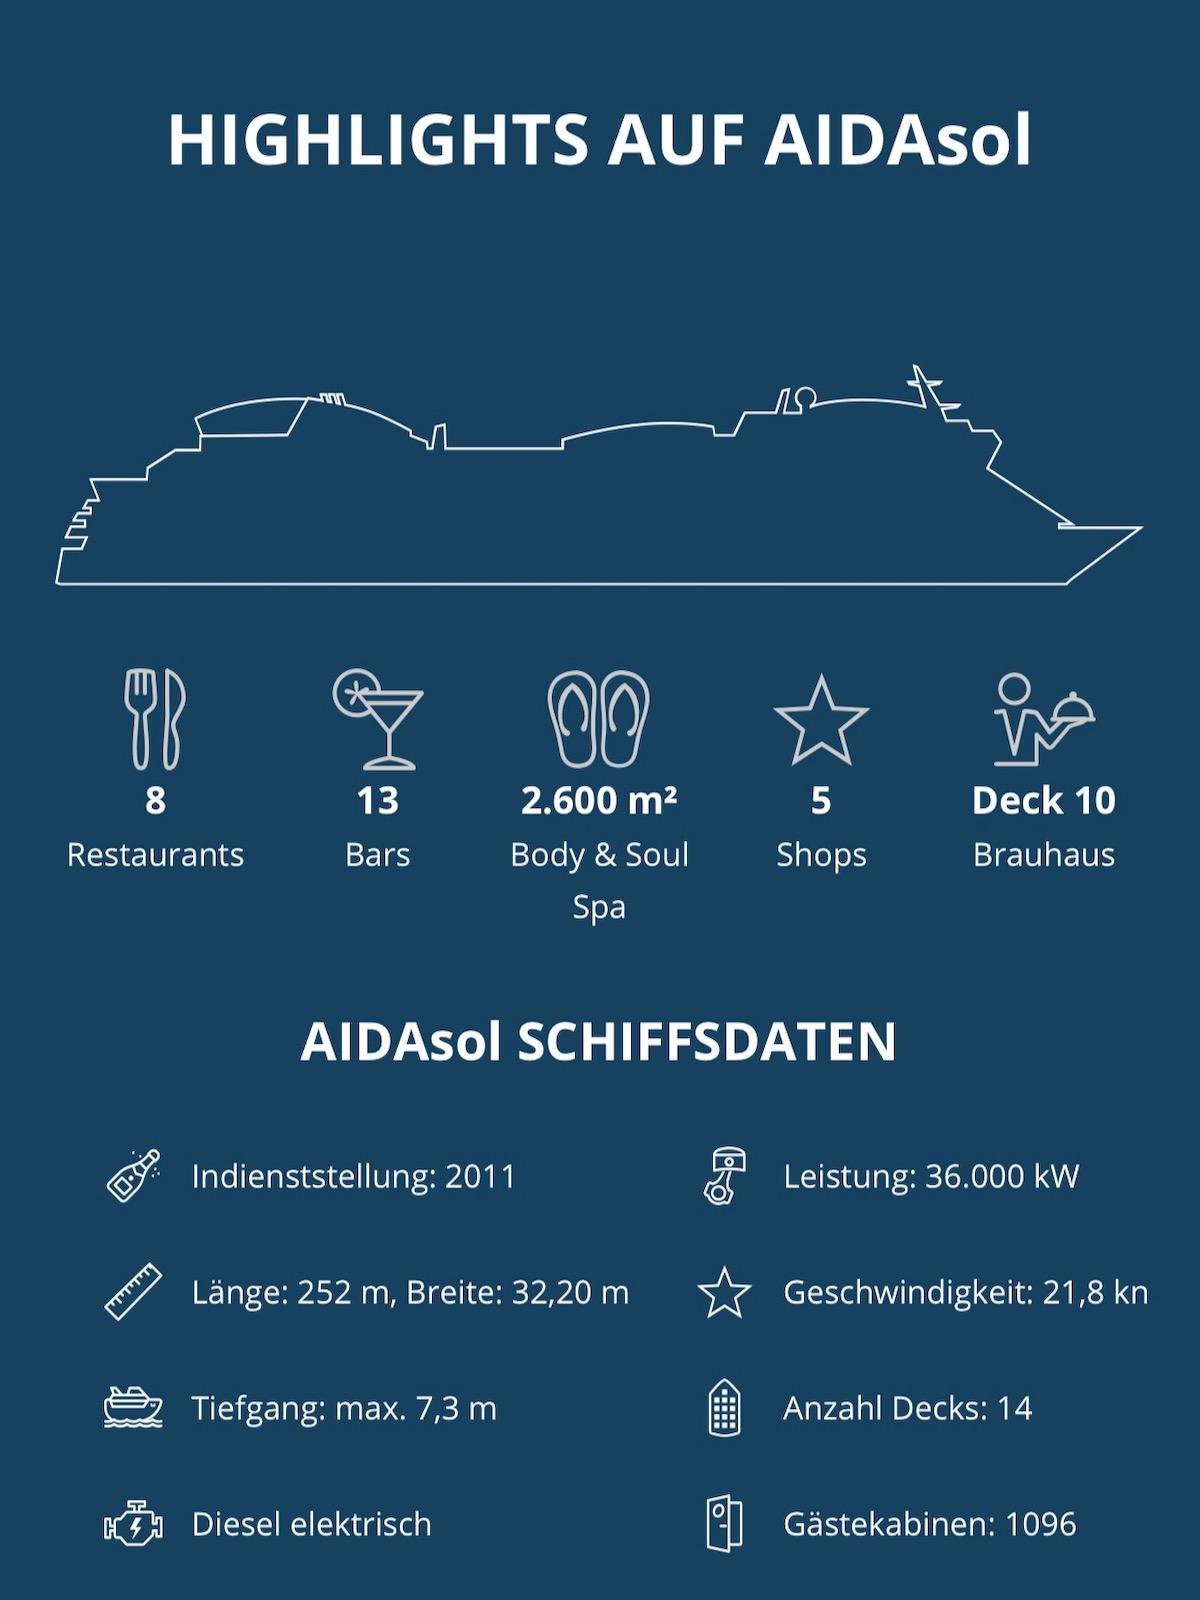 aida-cruises-ships-aidasol-daten-mobil